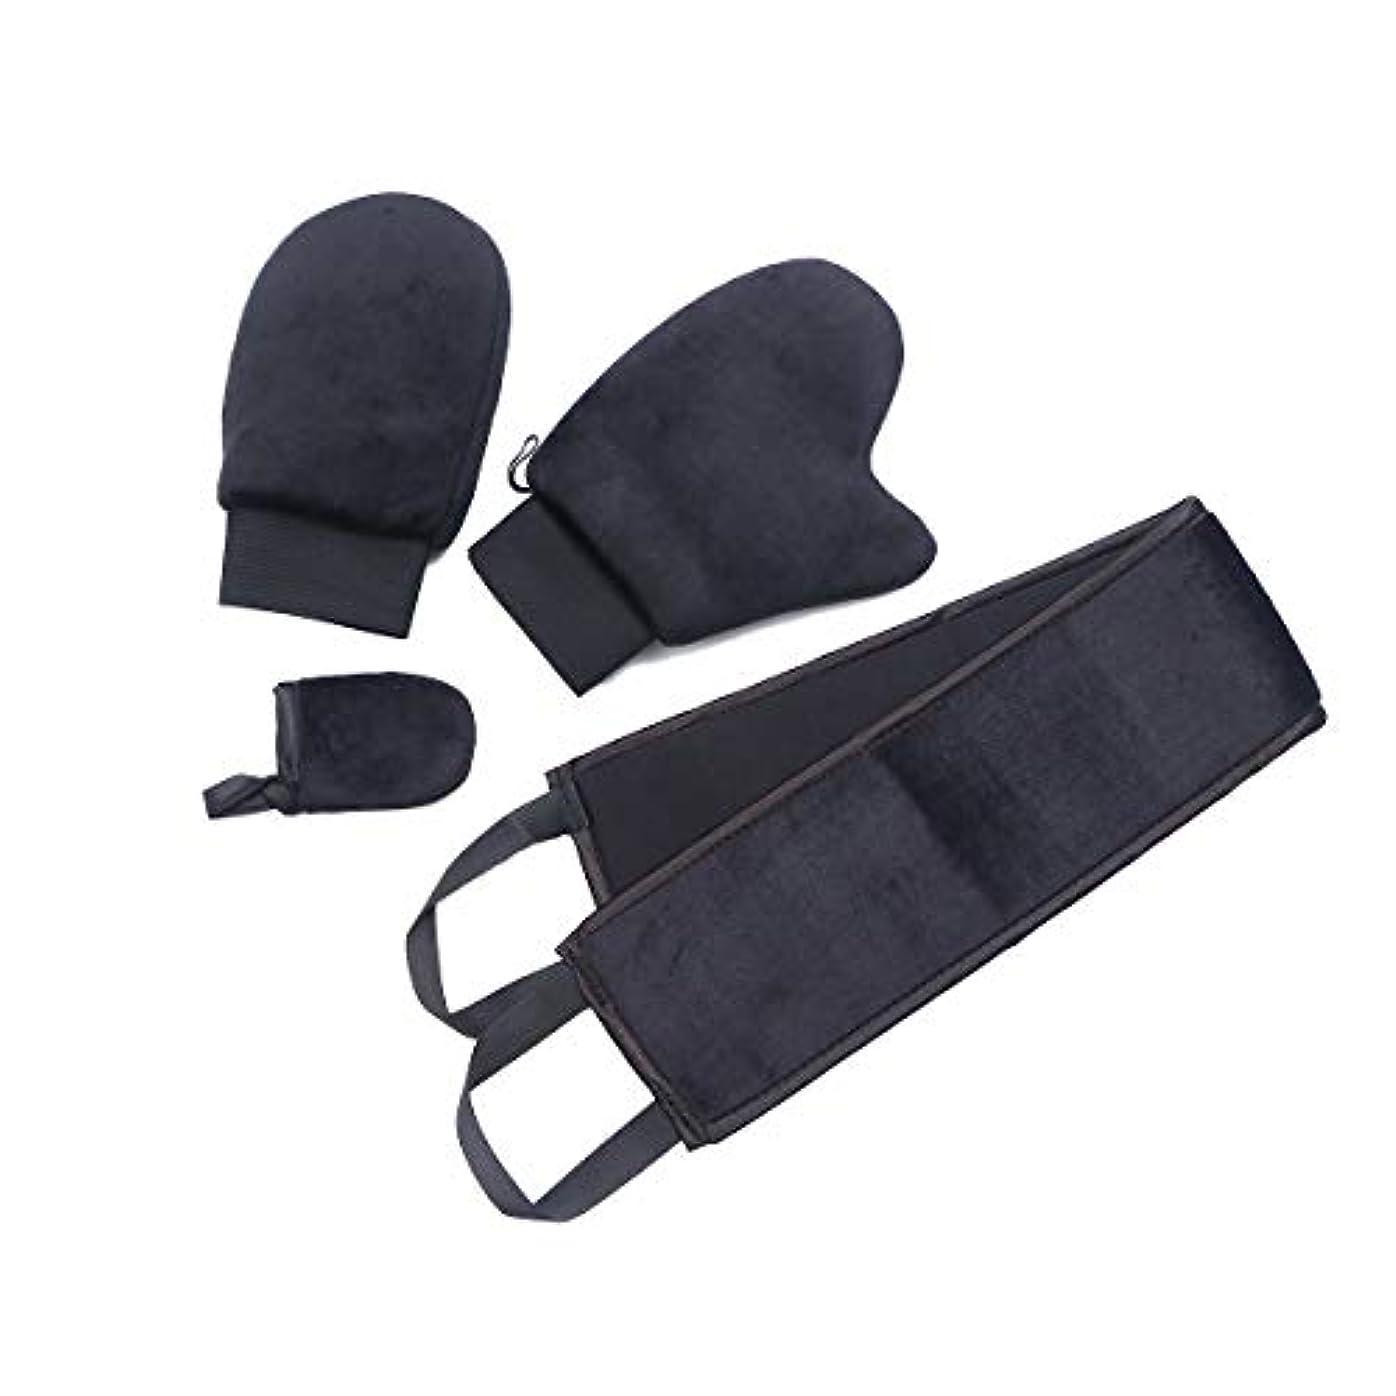 唯一中央天窓Healifty 4本化粧オイルSPAタンミットアプリケータサンレスタンニンググローブスーツ